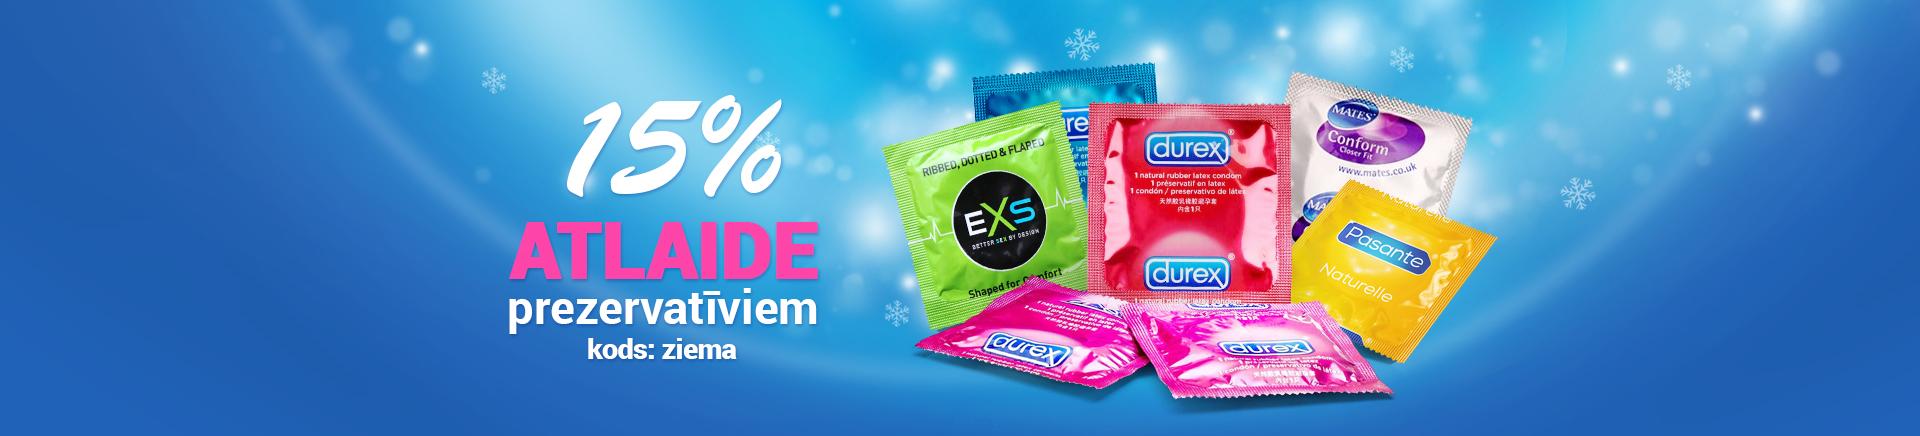 Prezervativi Ziemas ATLAIDE